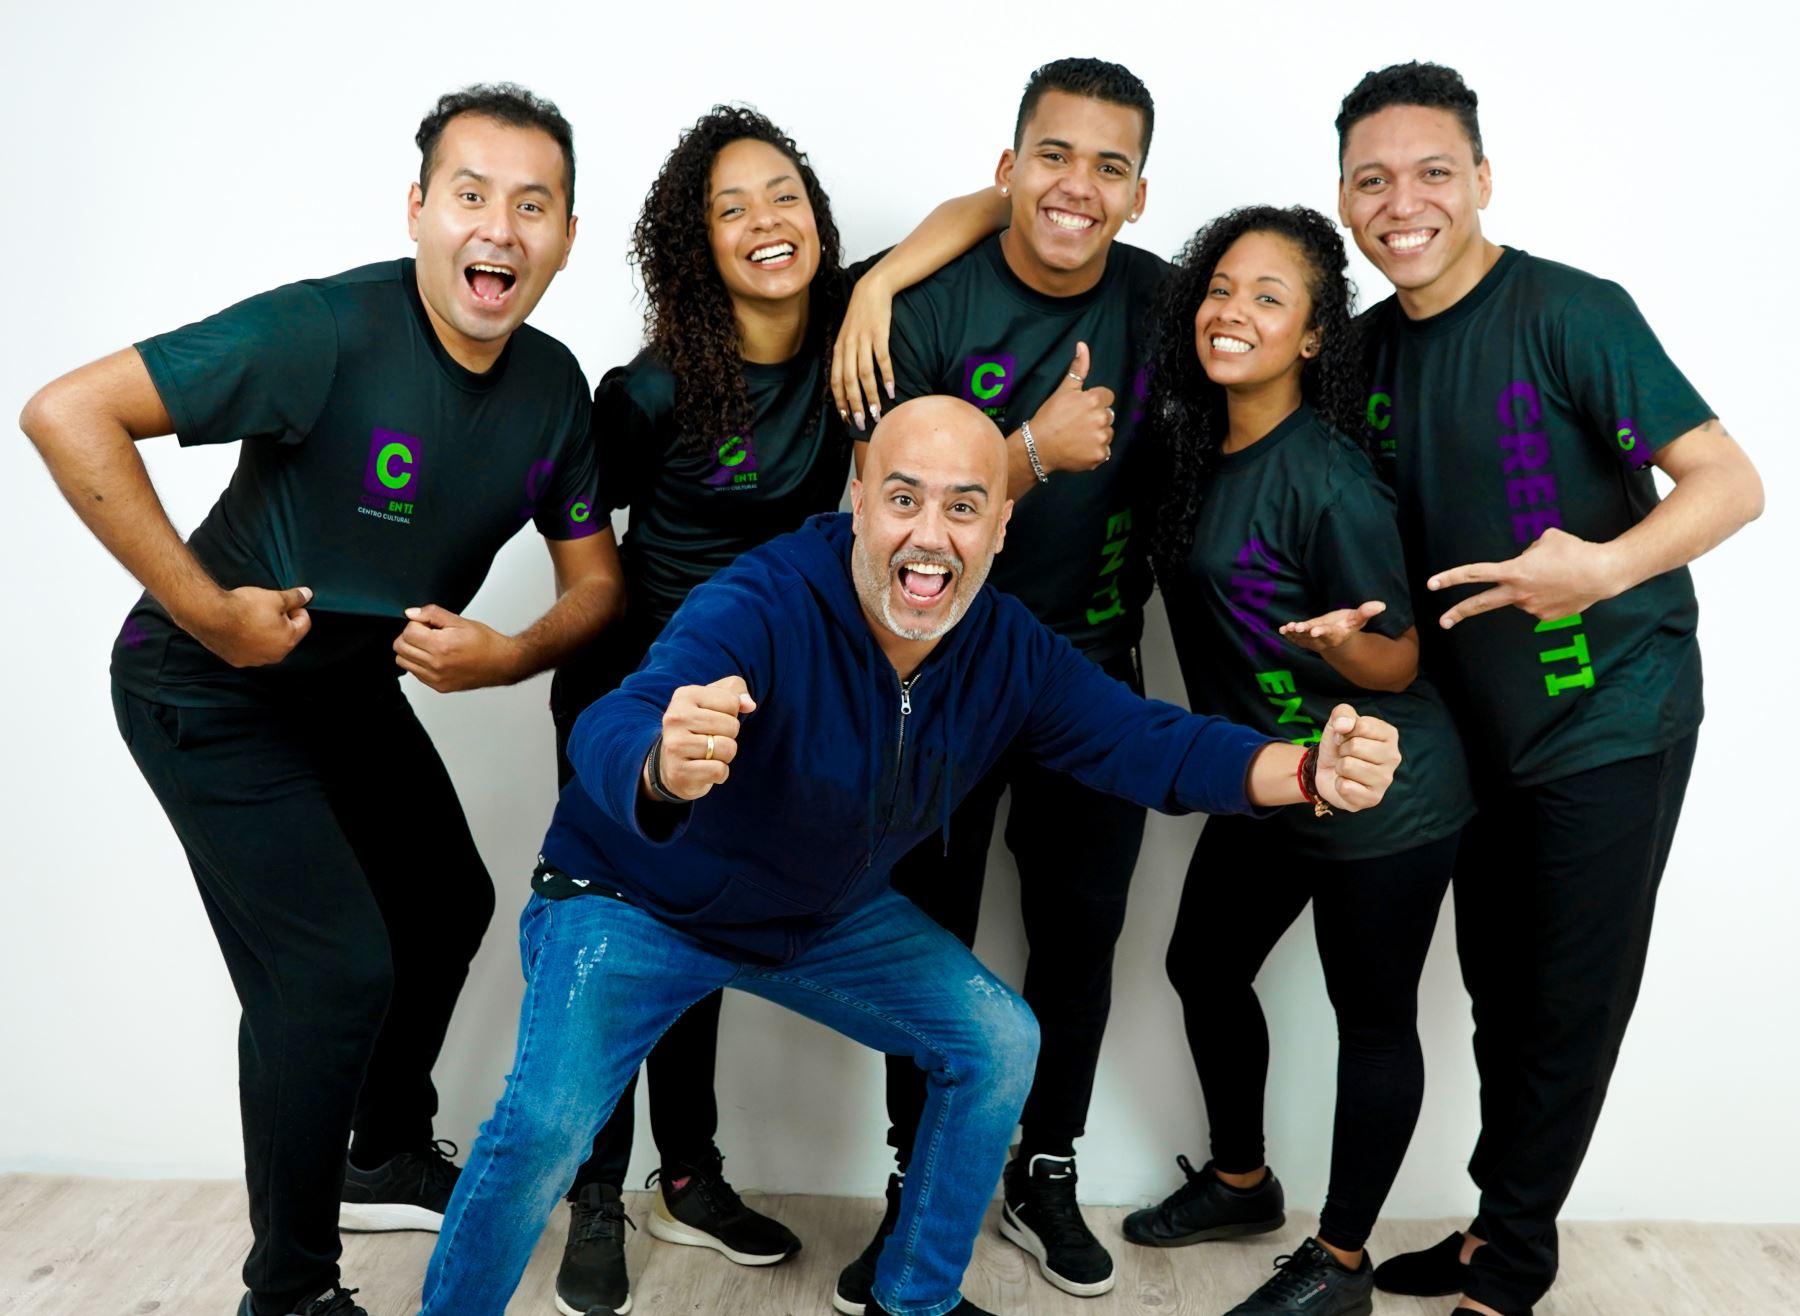 """Marco Romero y el equipo con el que sacará adelante """"Creo en ti""""."""